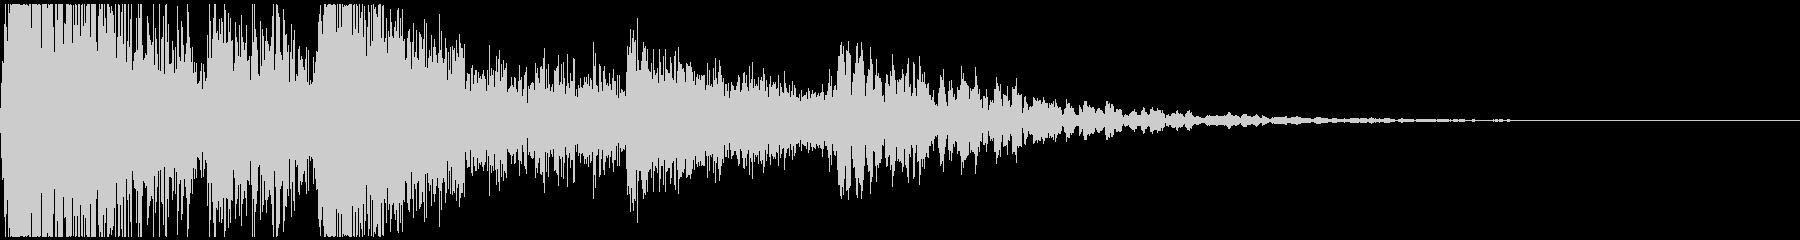 シネマティックなファンファーレの未再生の波形